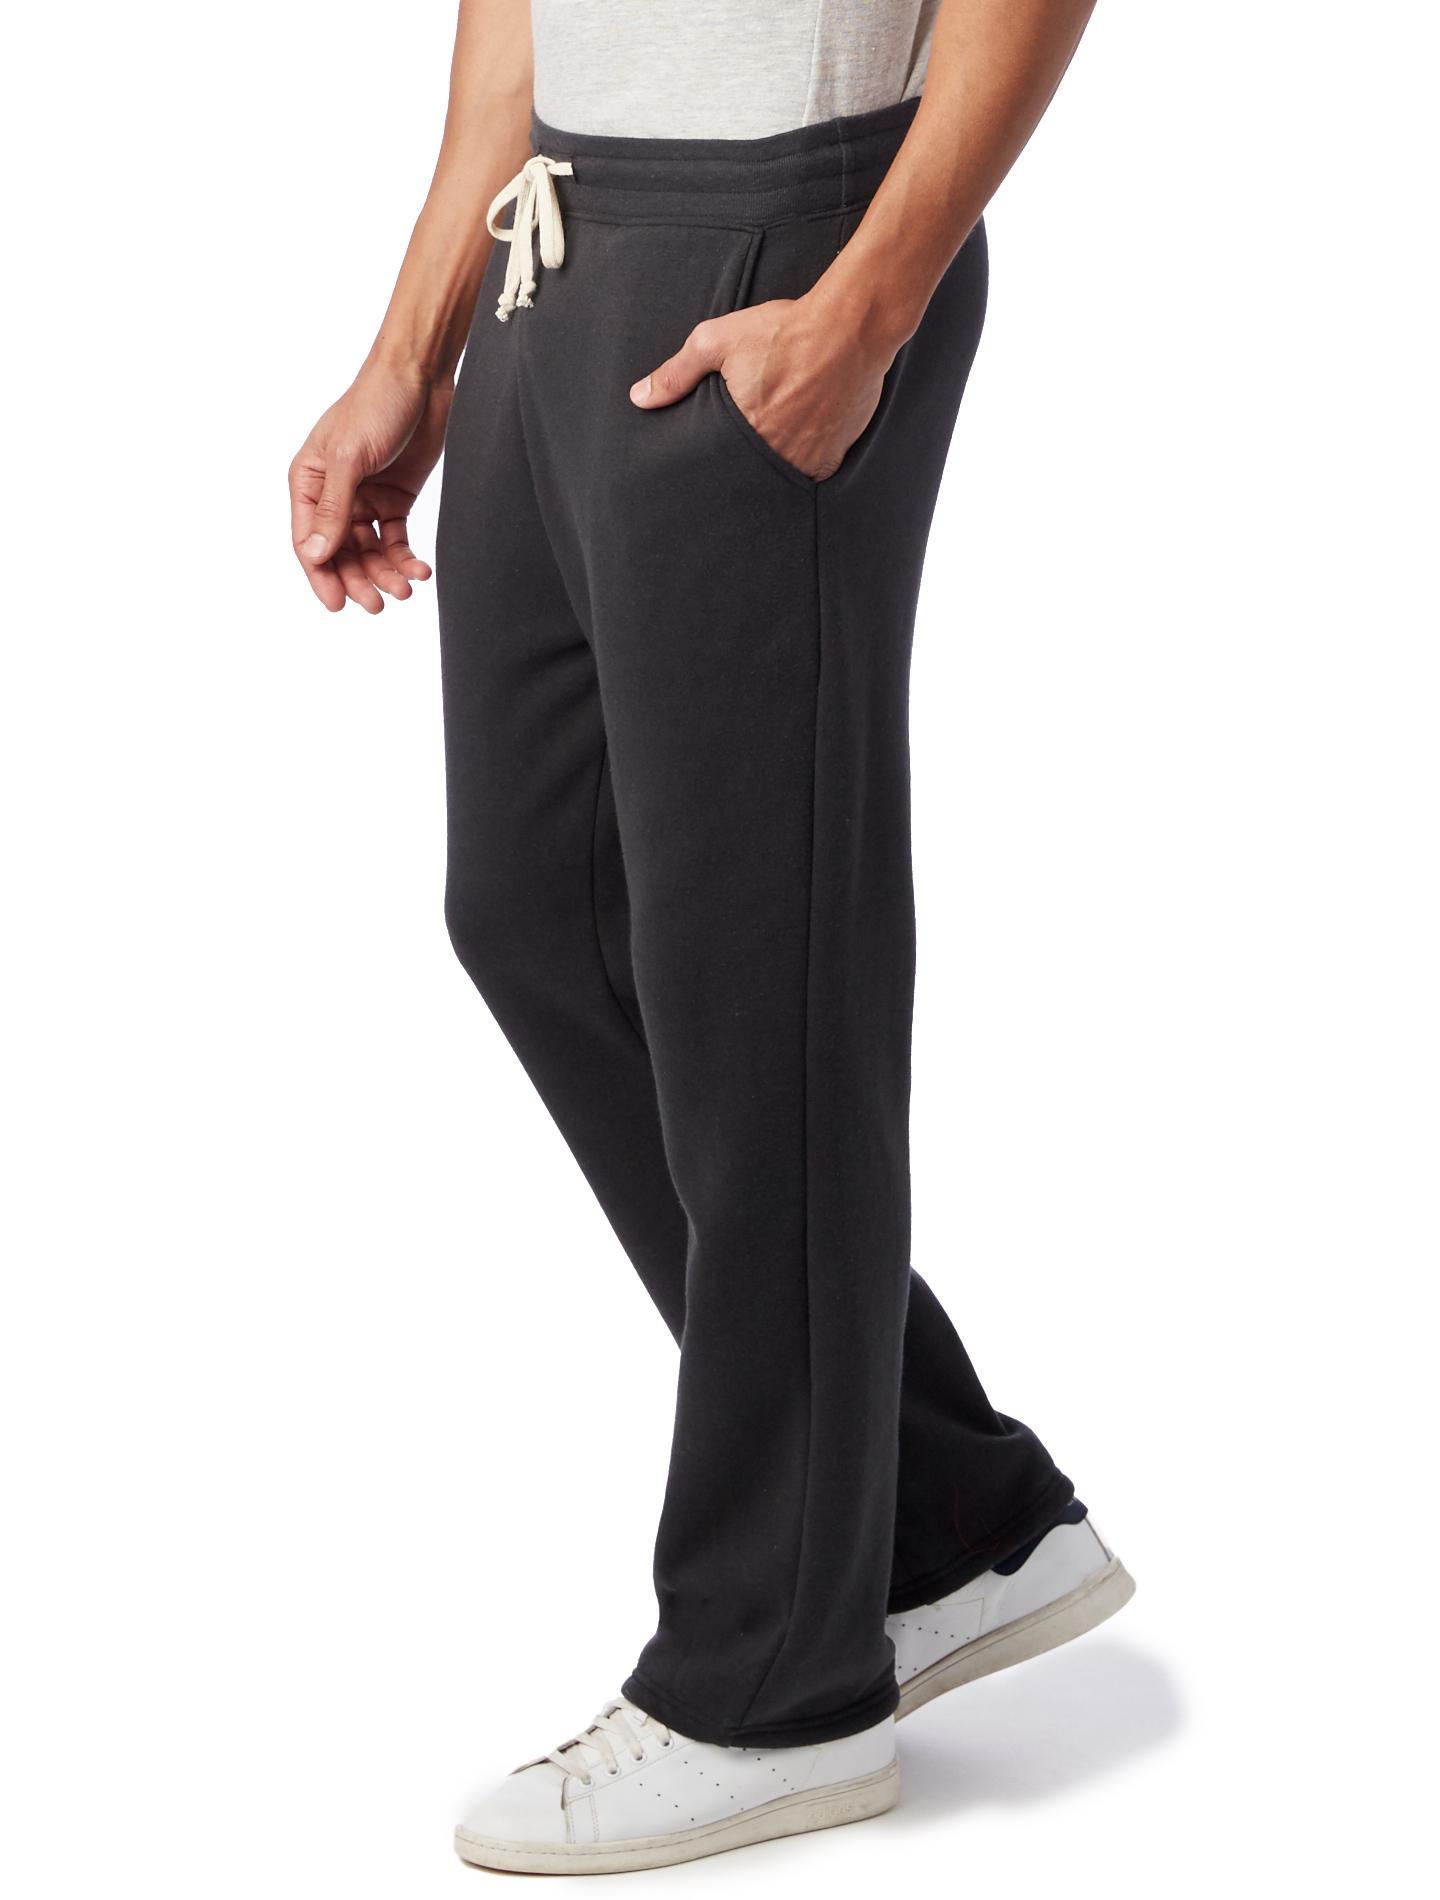 9a3a7f73b Lyst - Alternative Apparel Hustle Eco-fleece Open Bottom Sweatpants in Black  for Men